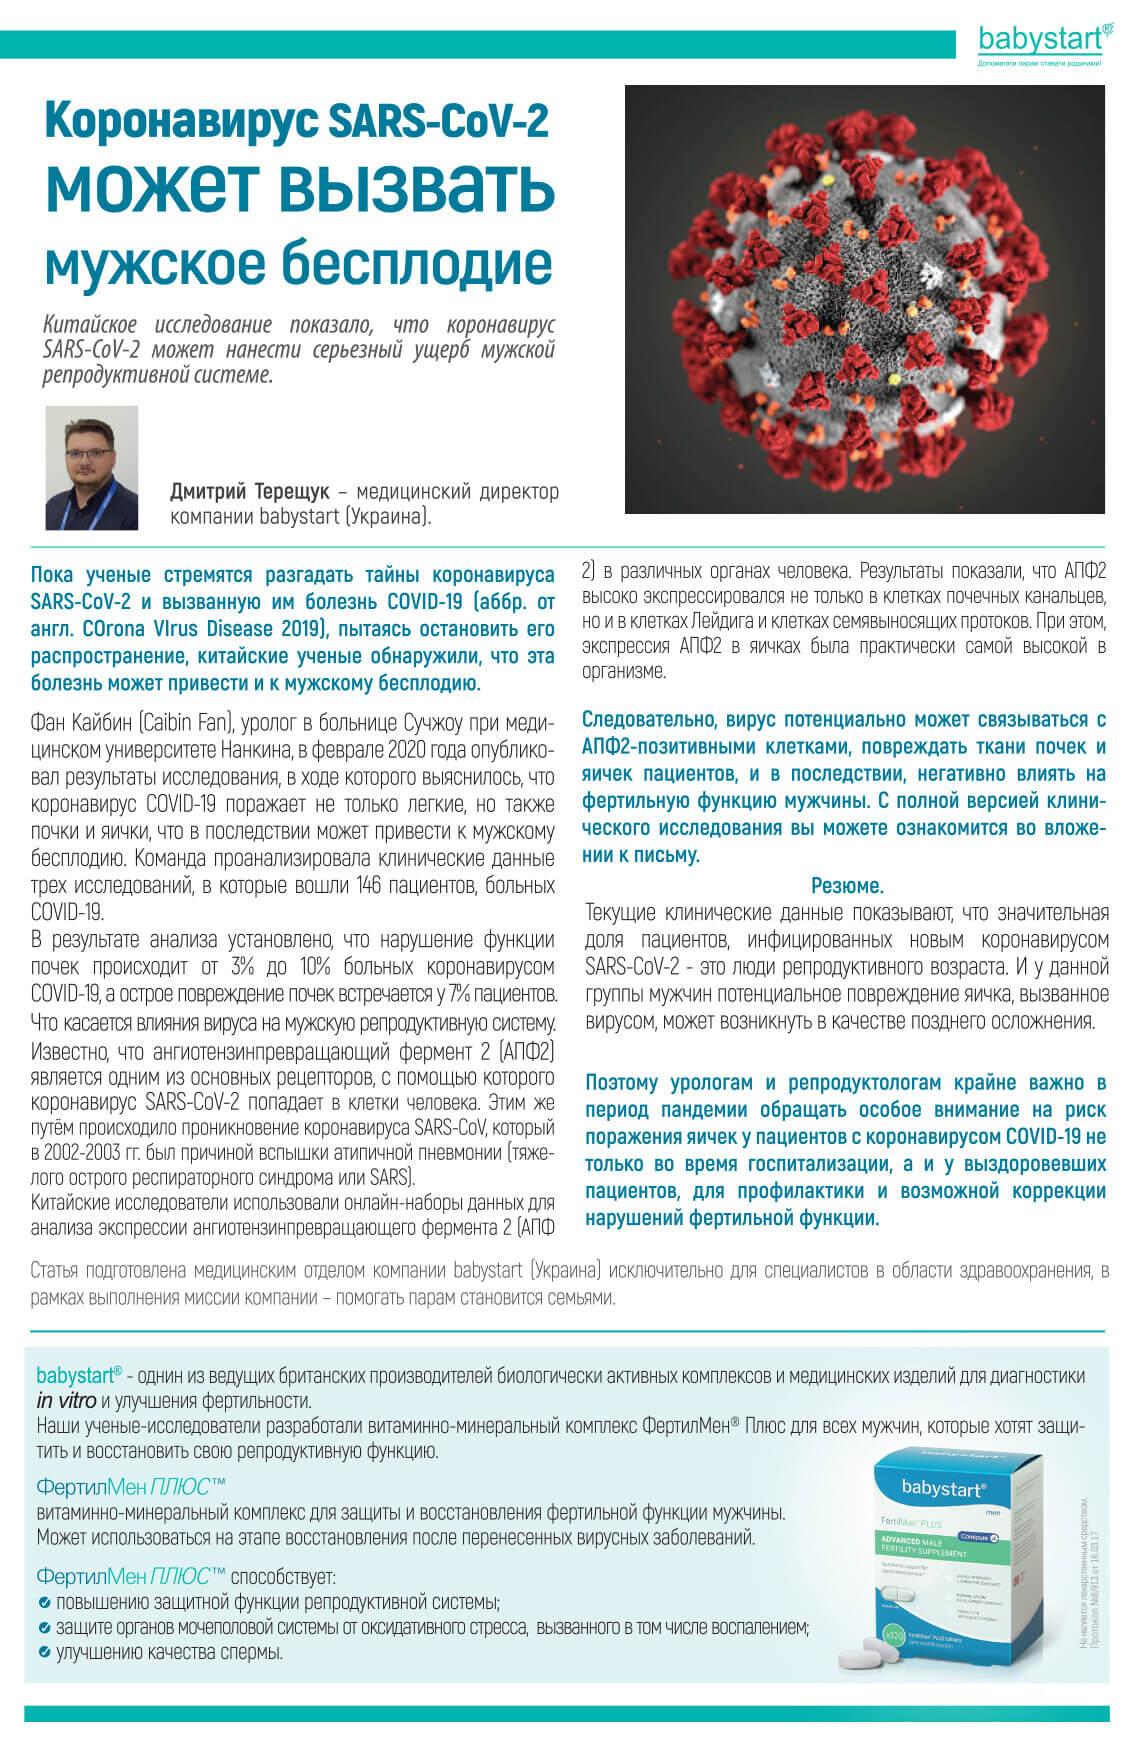 Коронавірус SARS-CoV-2 може викликати чоловіче безпліддя